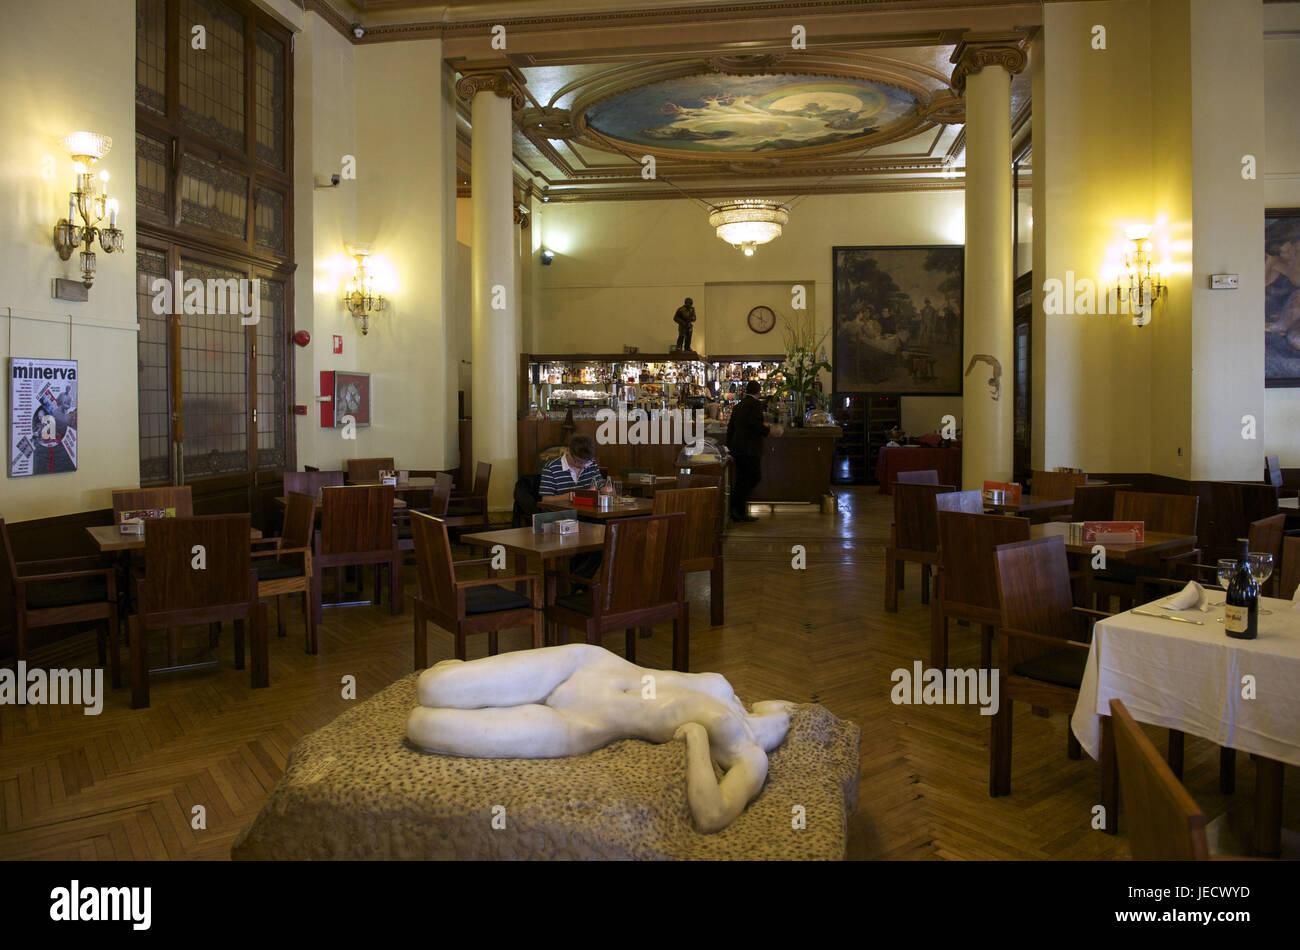 Escultura En El Restaurante Imágenes De Stock Escultura En